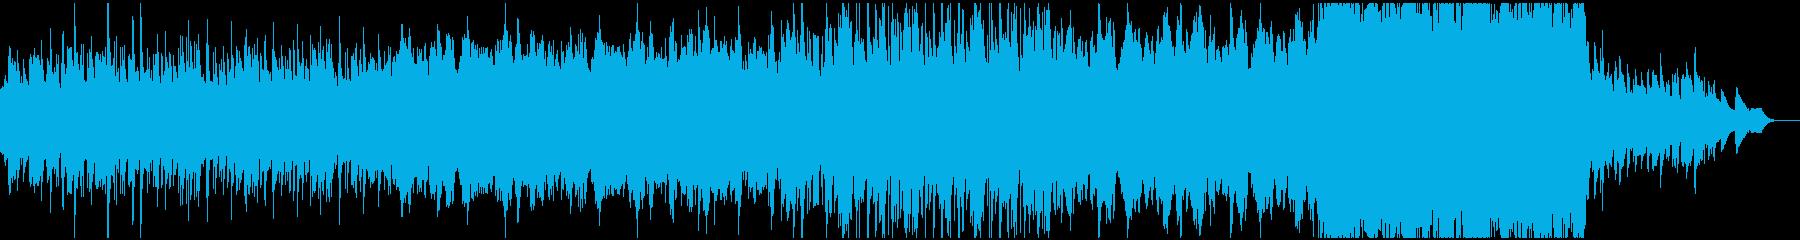 ハープと弦楽器による静かな夜想曲の再生済みの波形